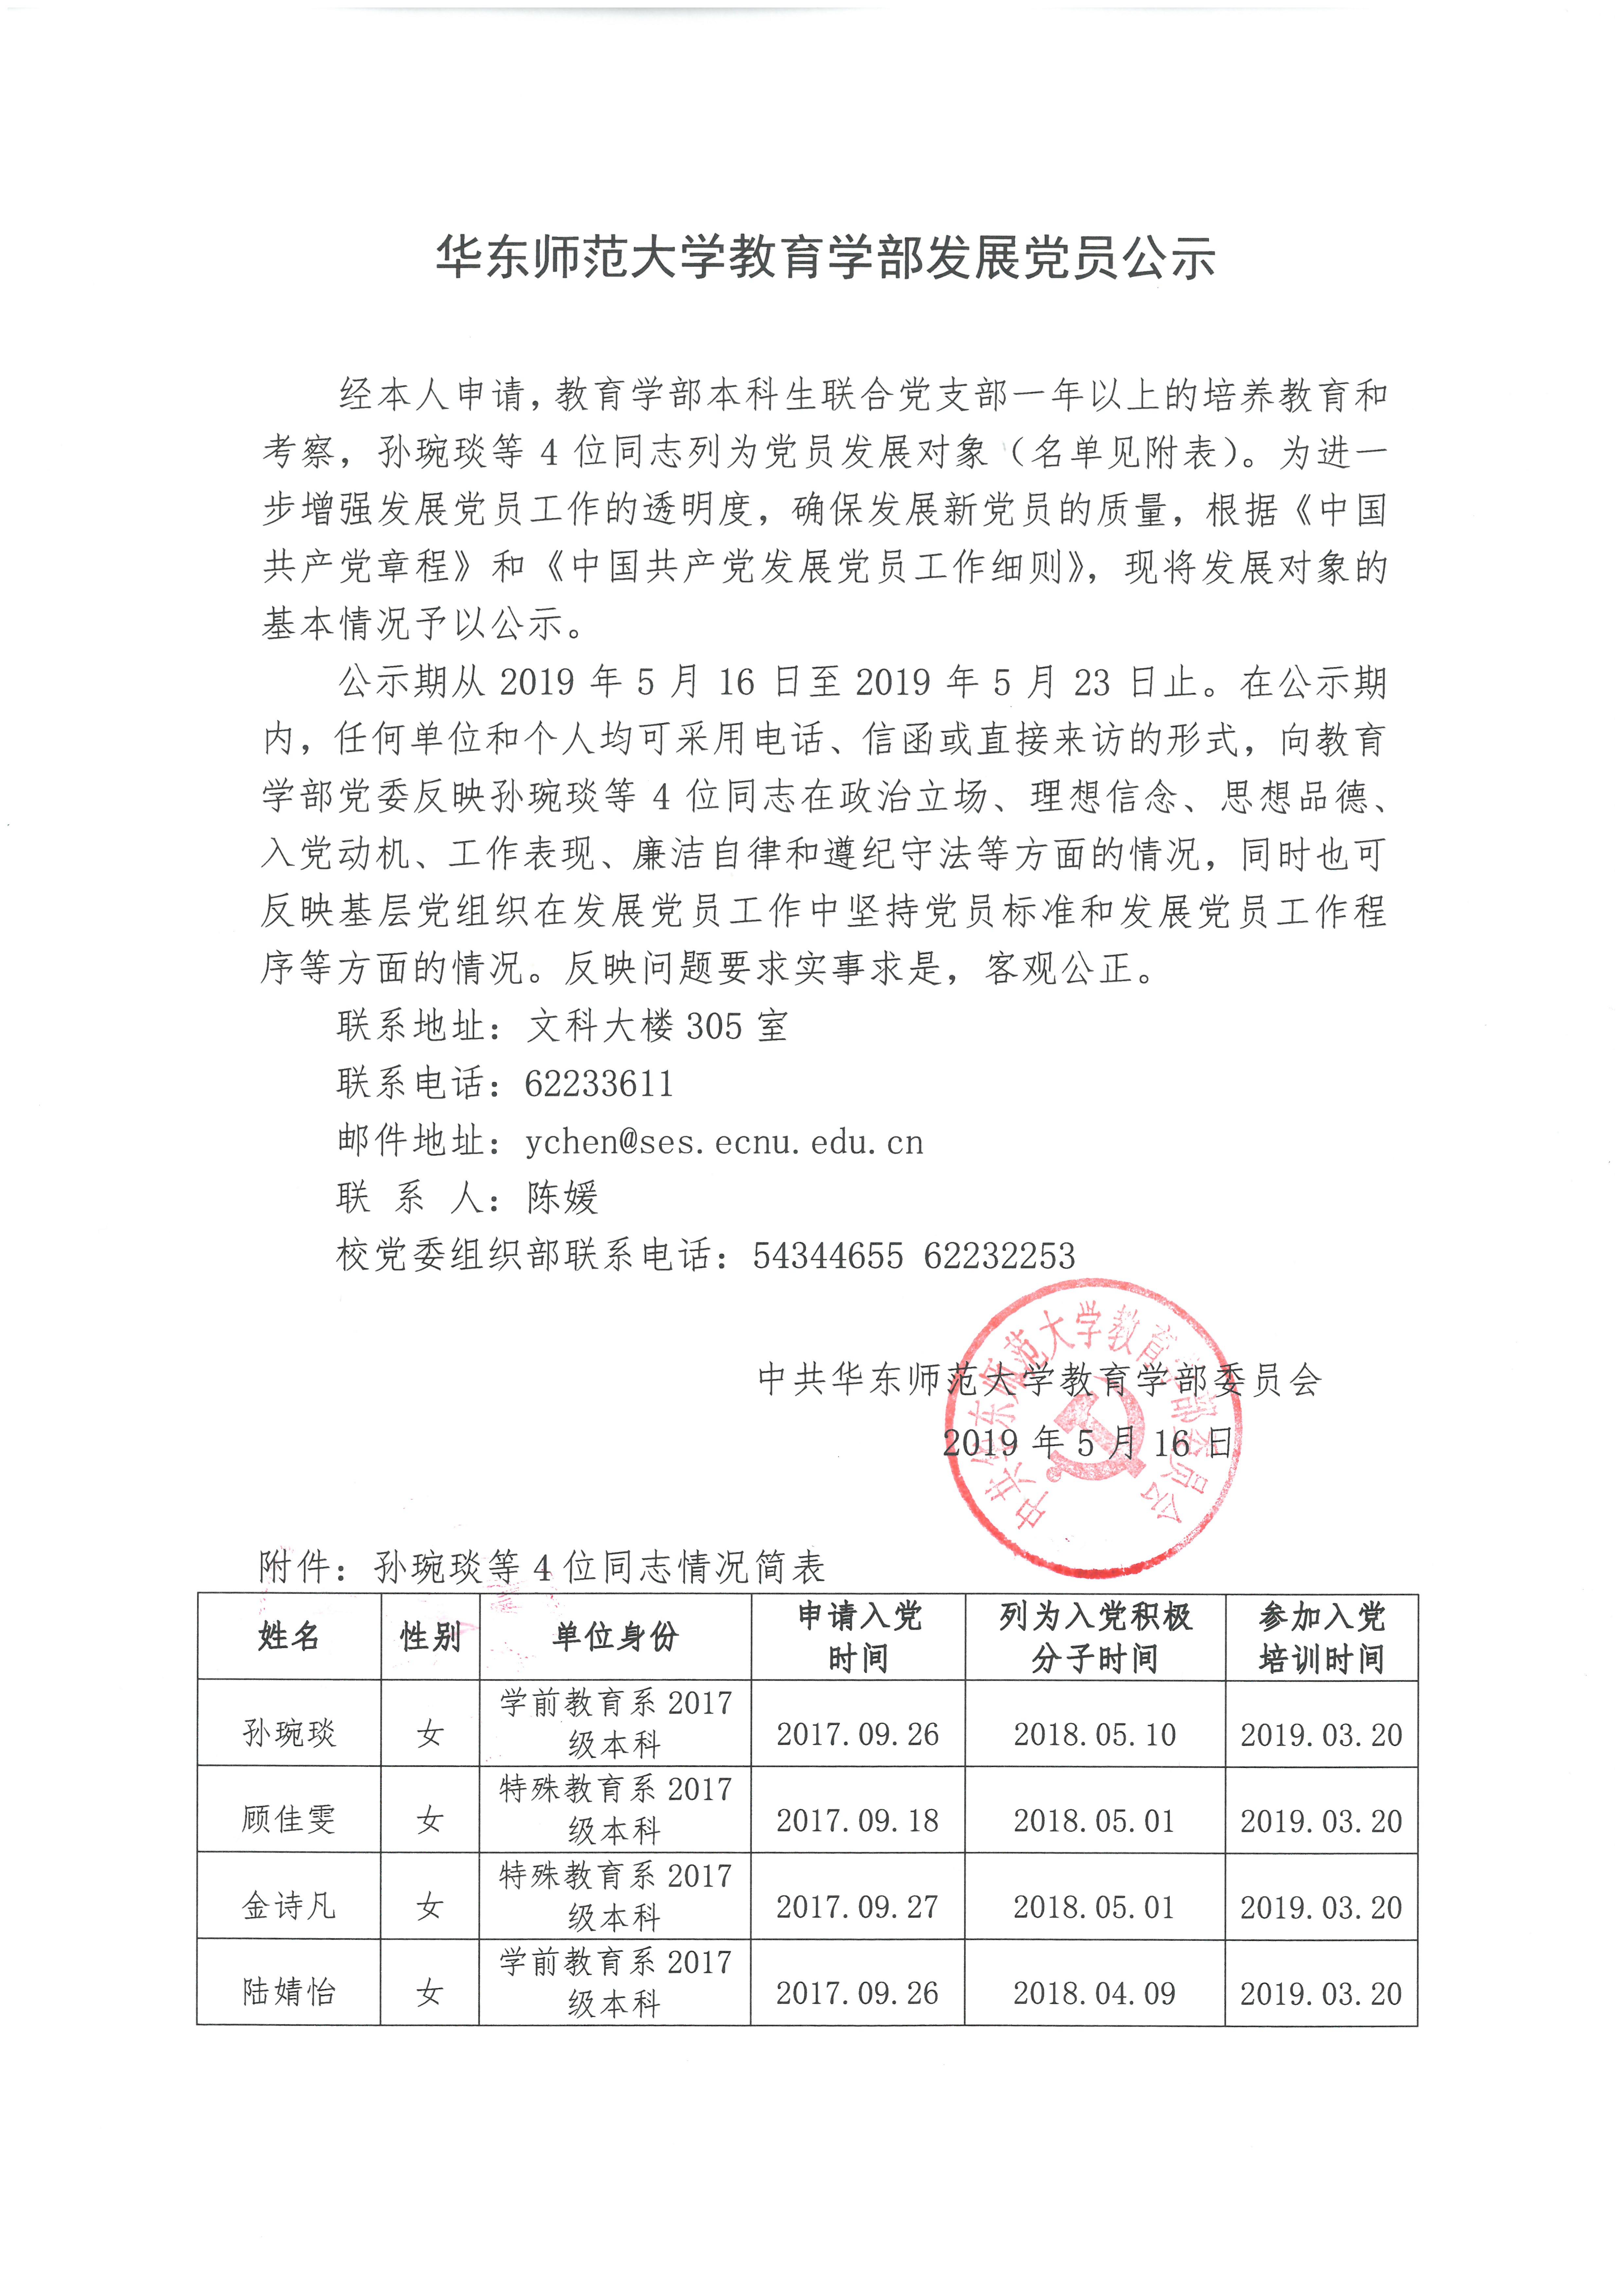 【公示】教育学部2019年5月发展学生党员公示(第二批)